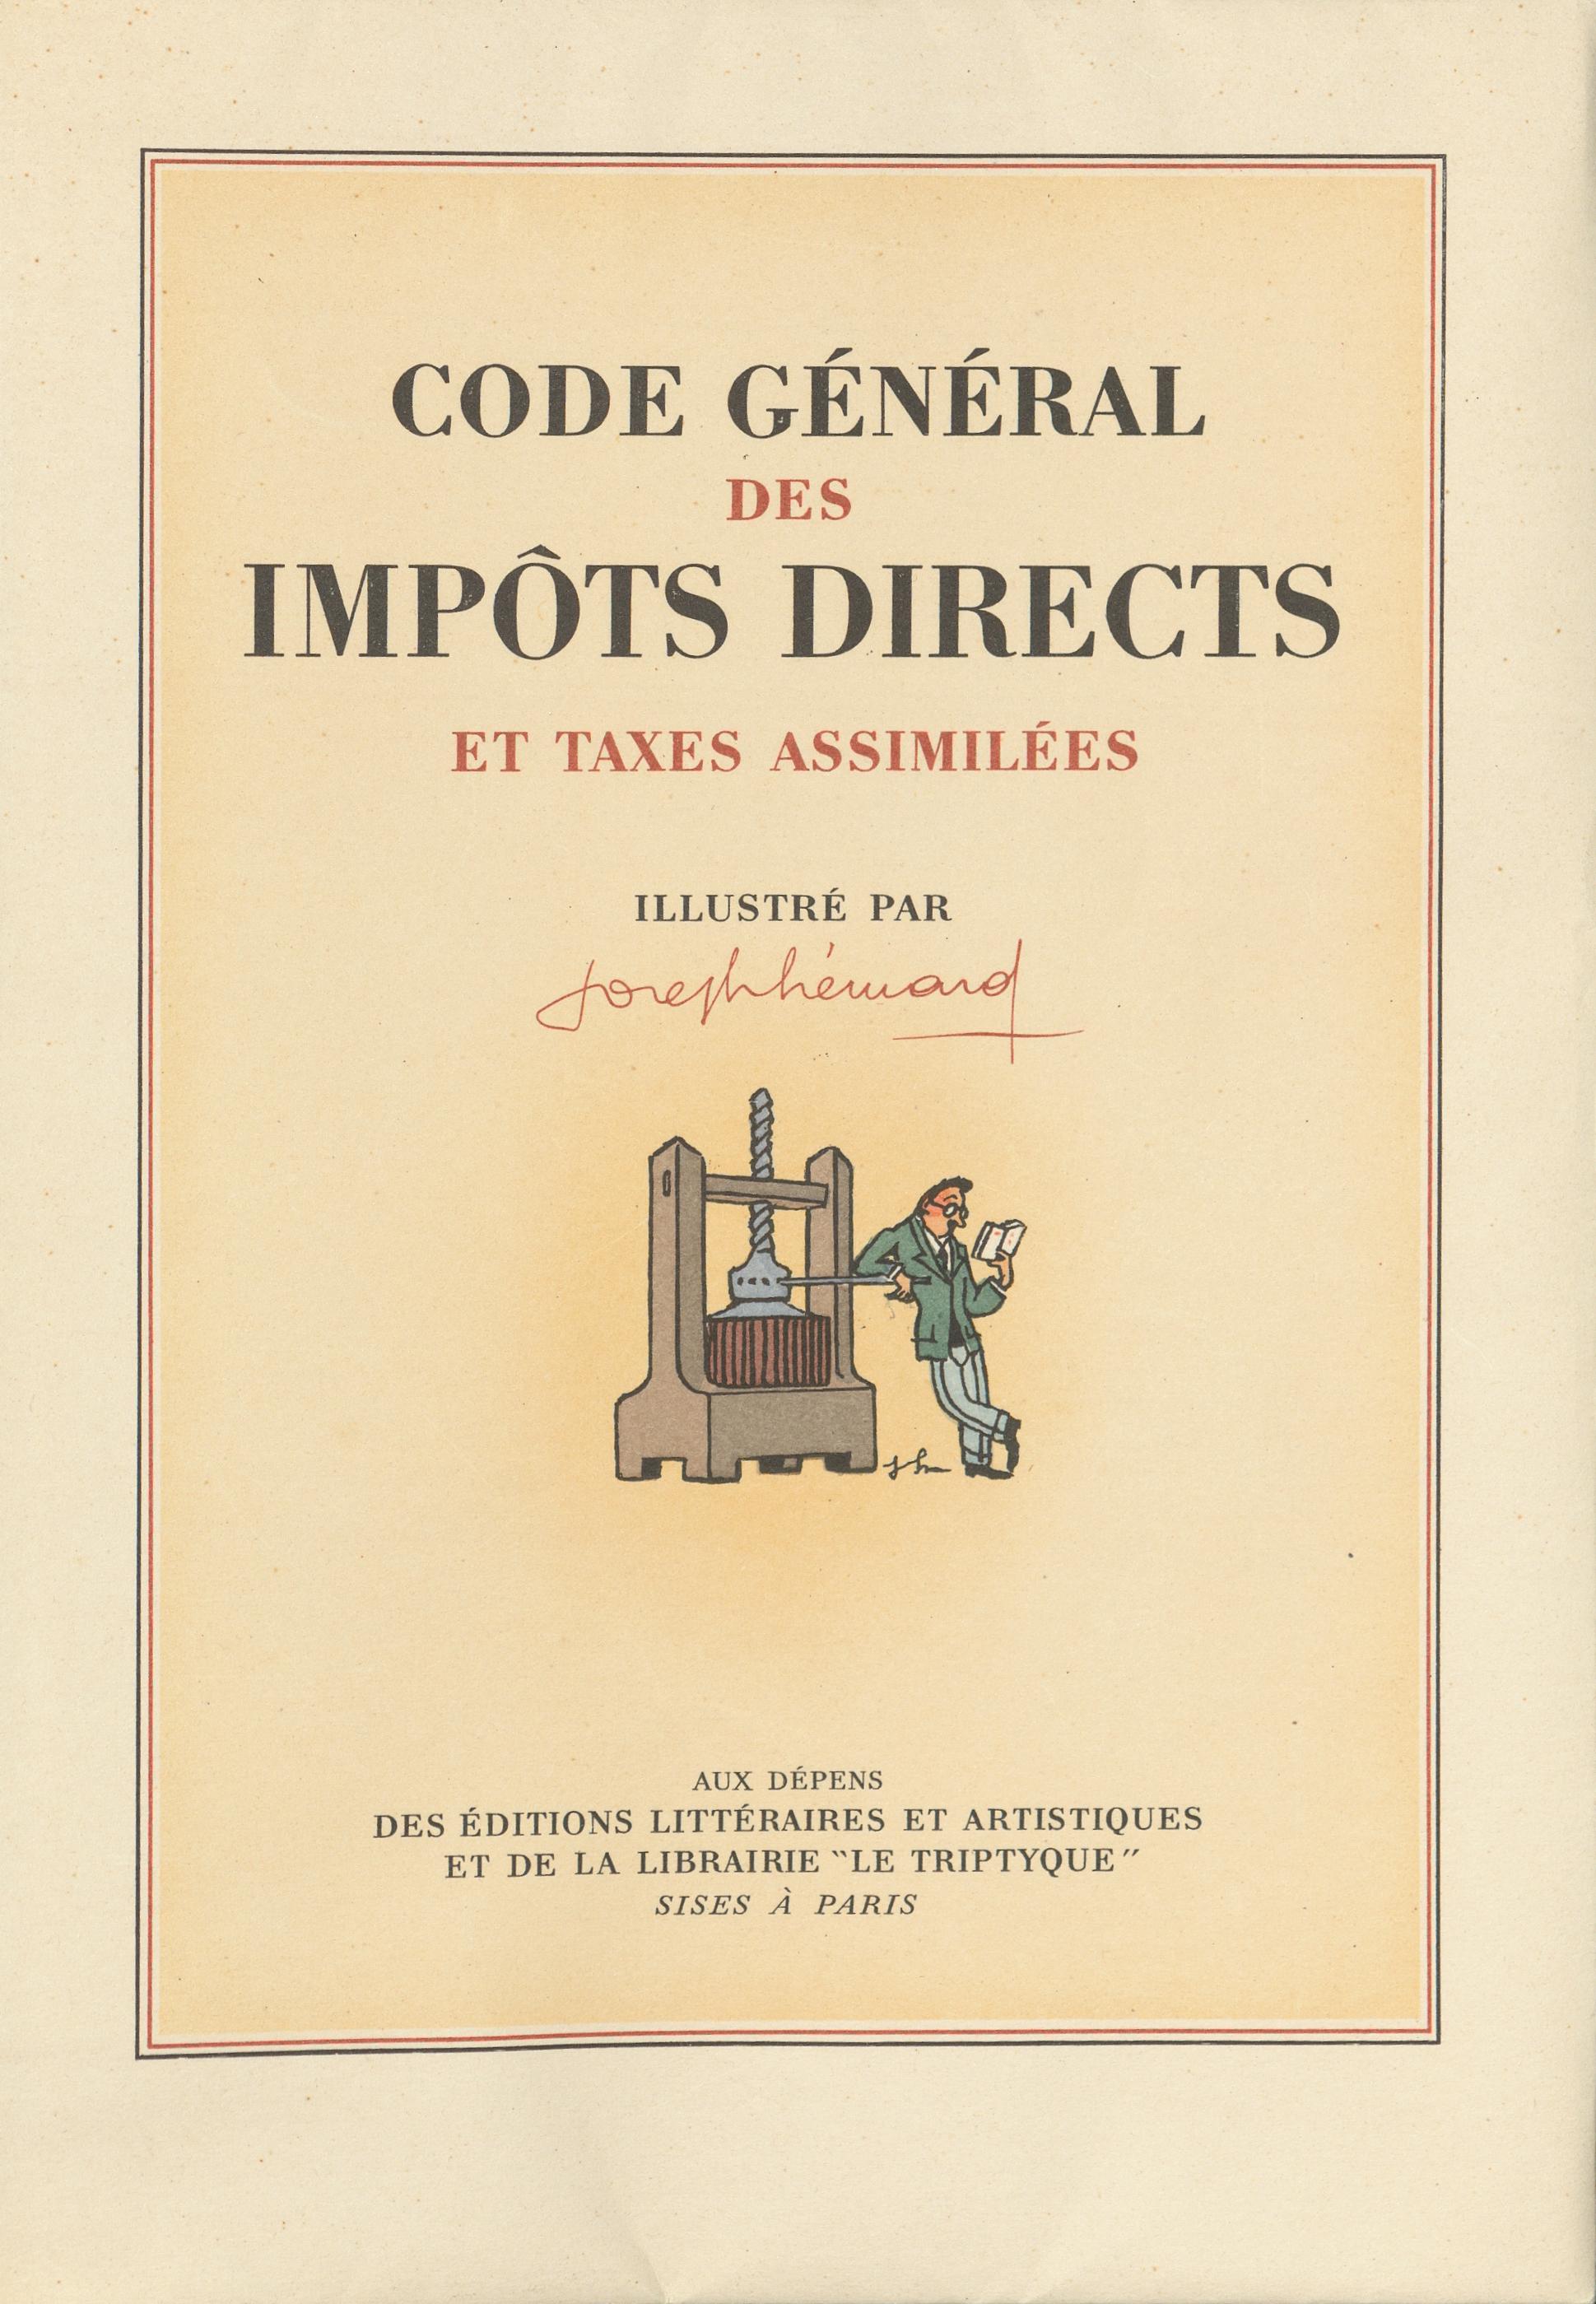 Code général des impôts directs et taxes assimilées